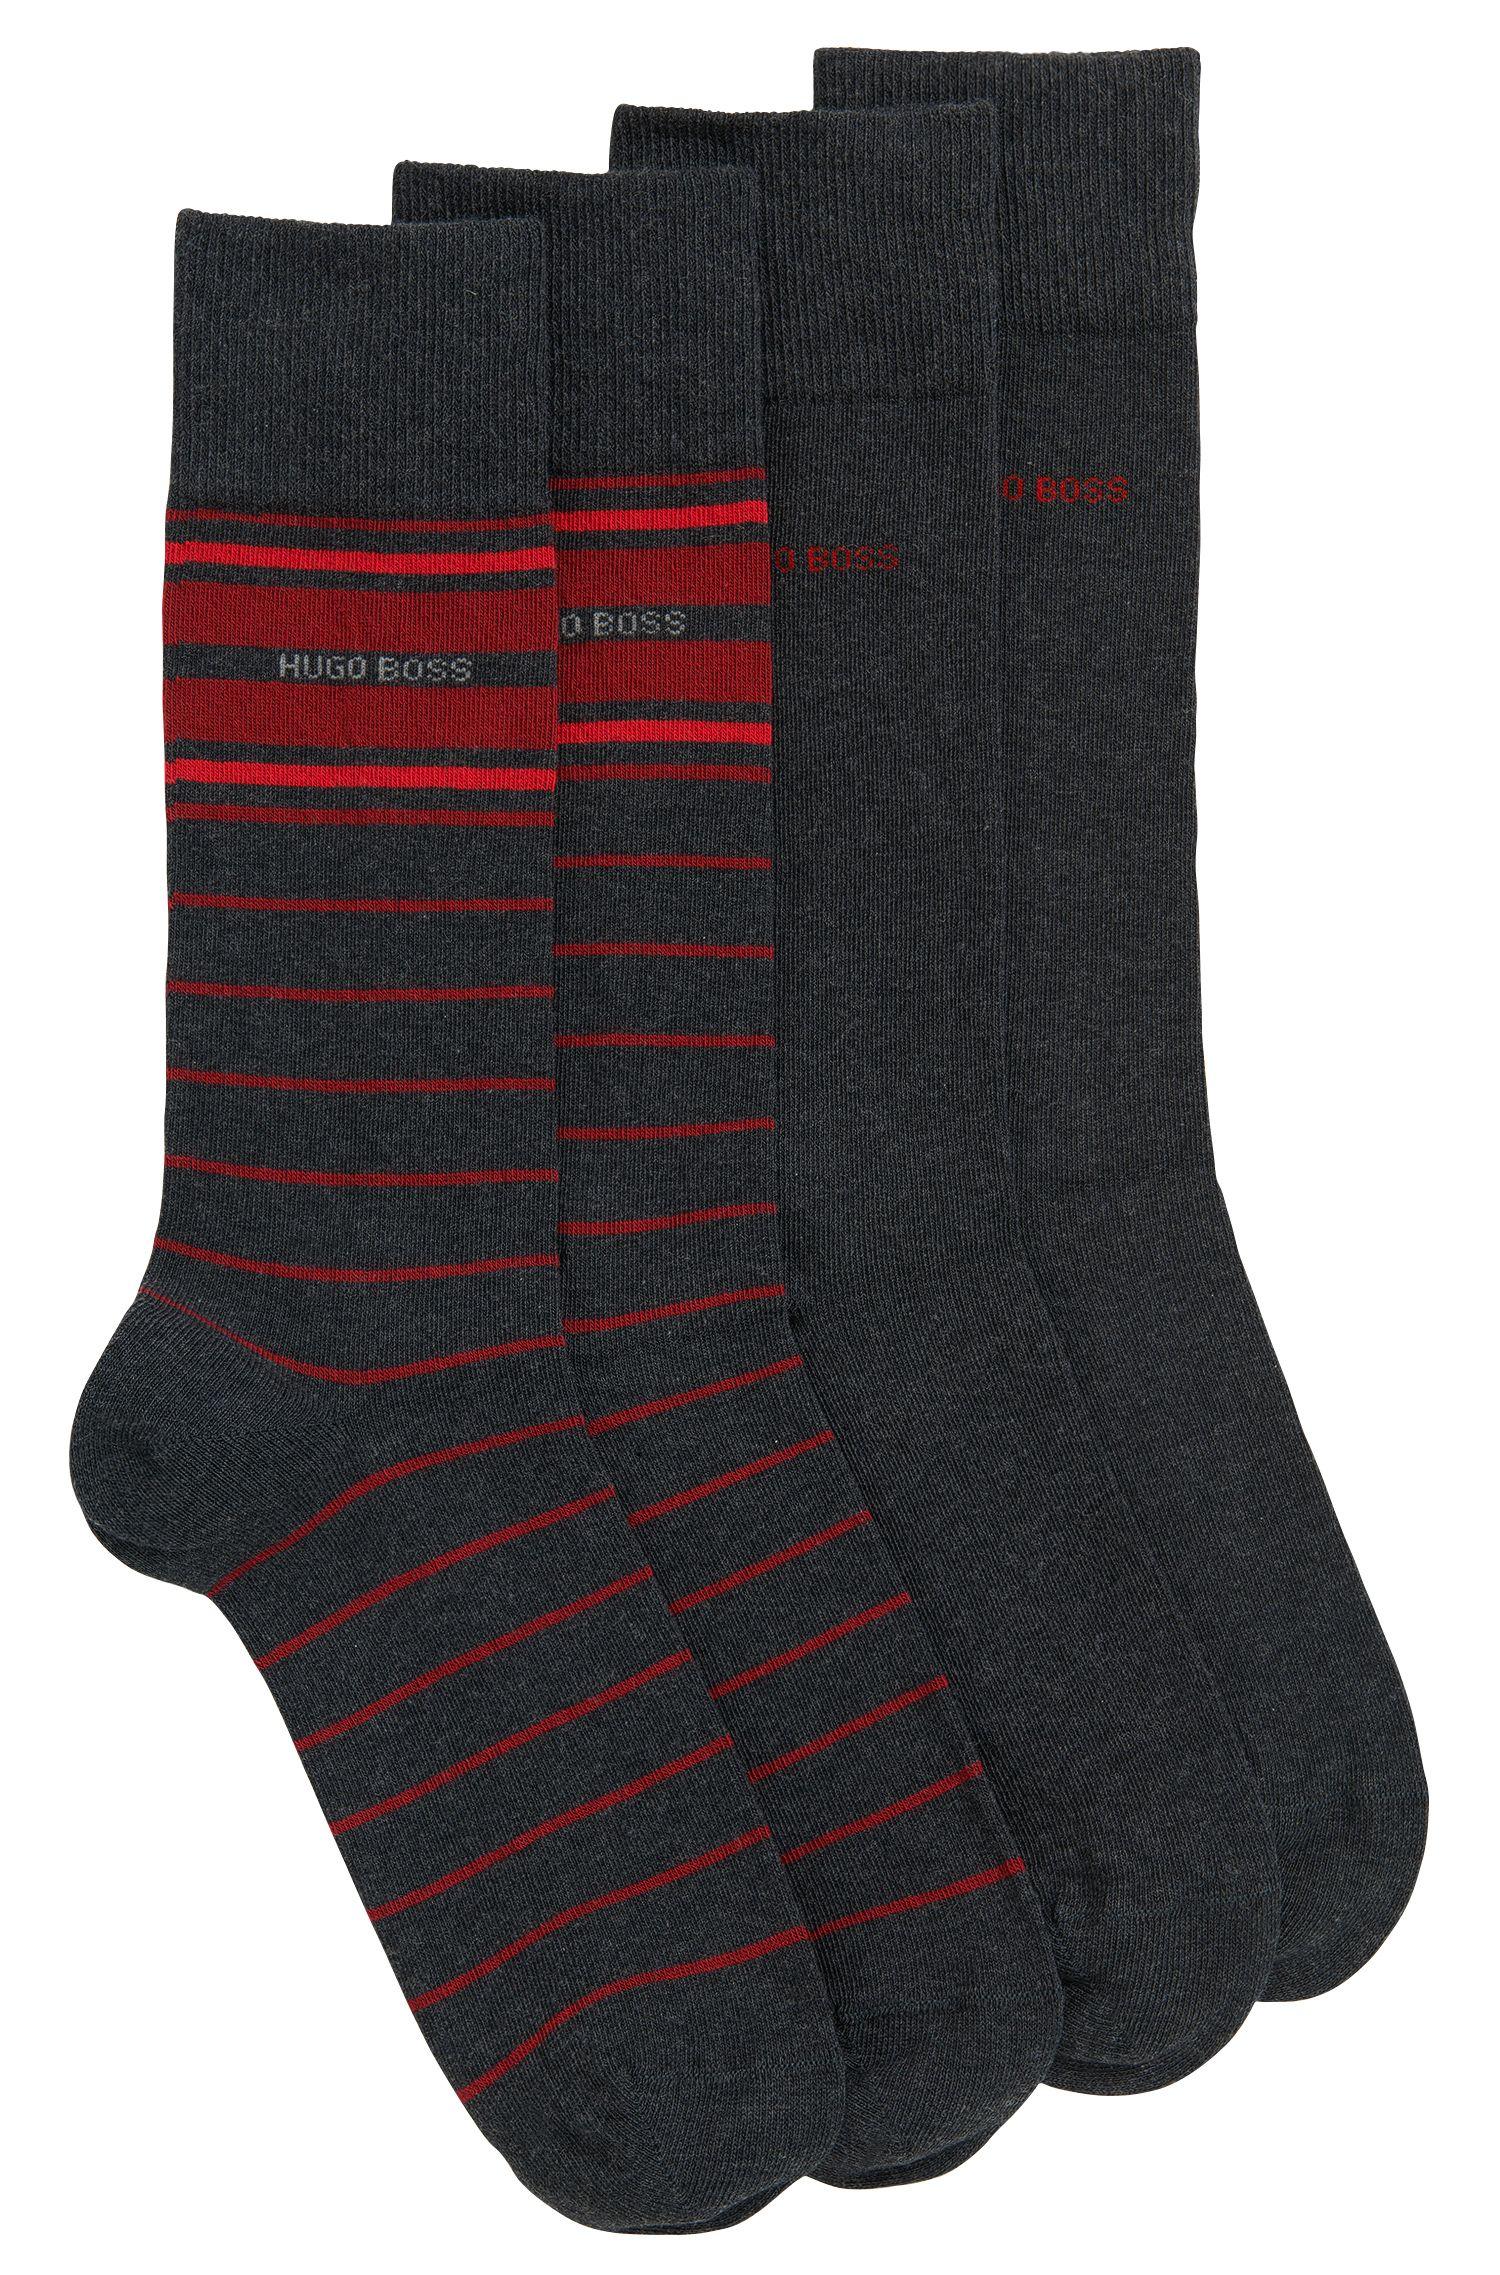 Paquete de dos pares de calcetines ligeros de largo normal en mezcla de algodón elástico